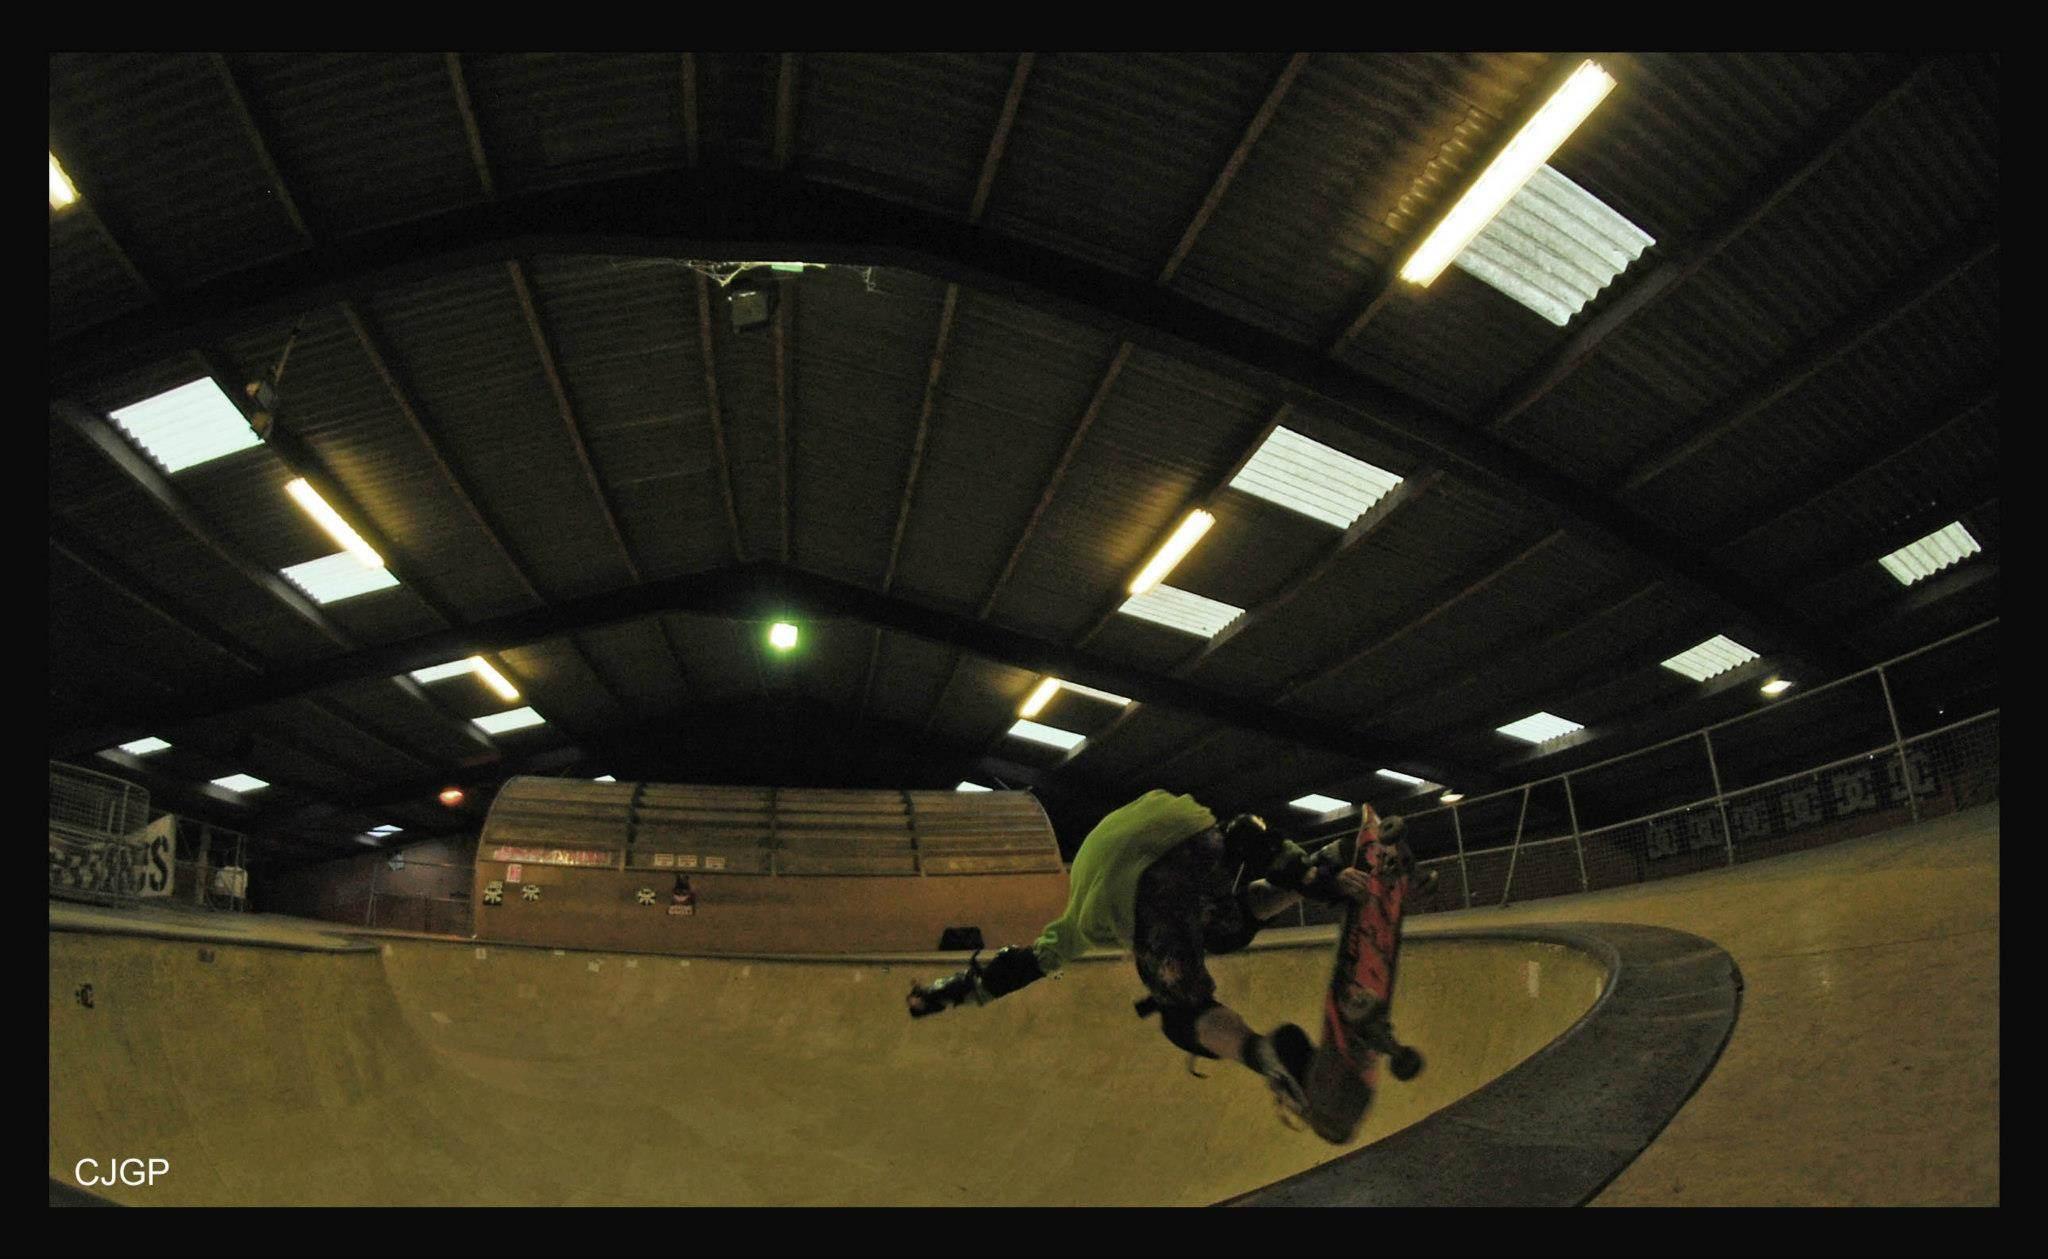 Wheel of Skate